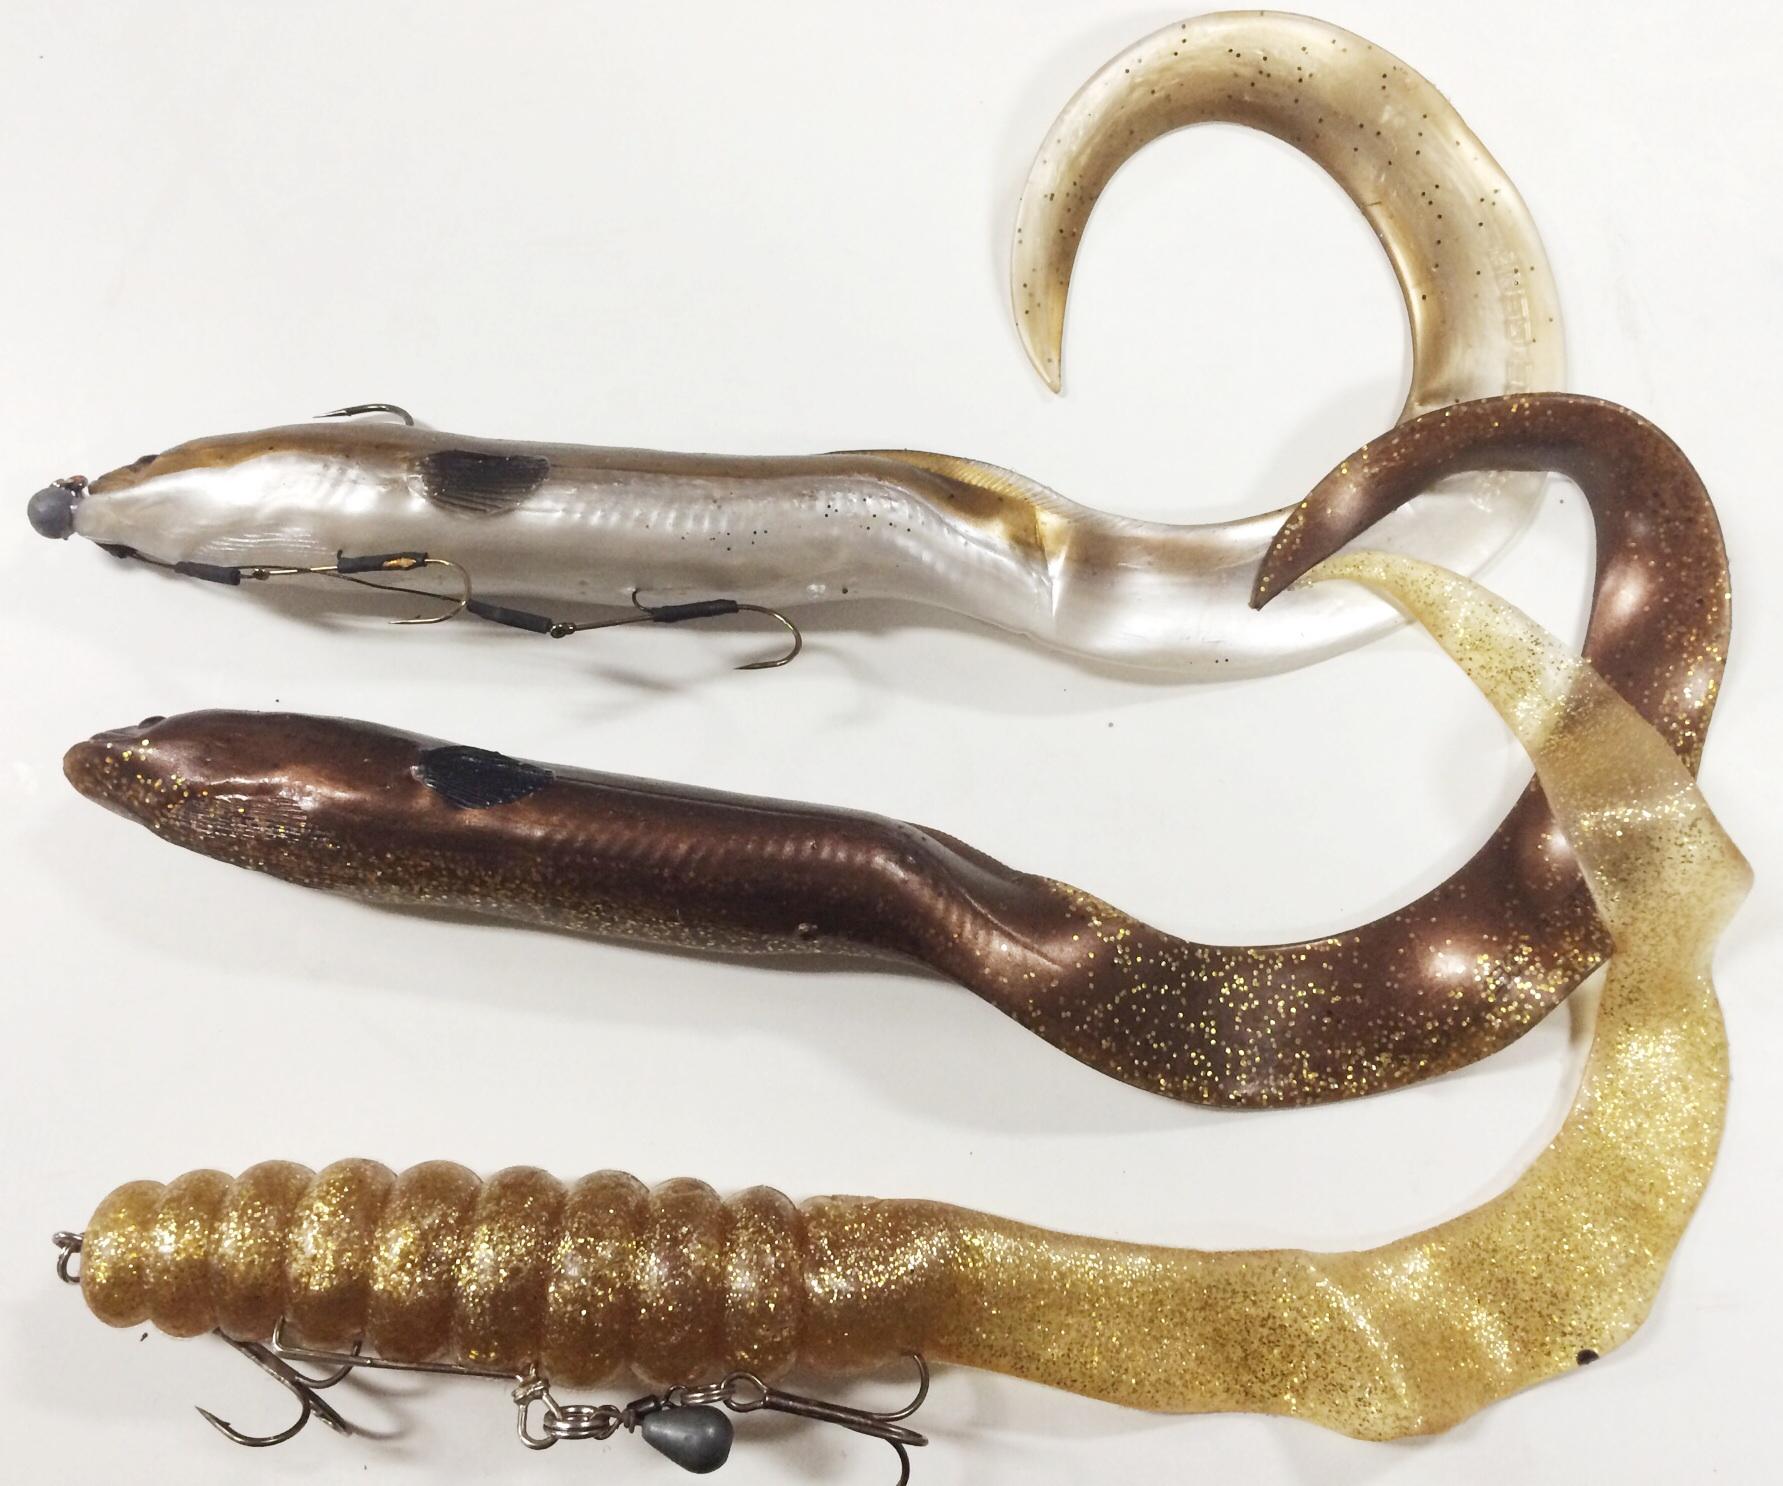 Real eel och en jättesnabel. Jag har ju tidigare haft sjukt bra fiske på Real Eel så det kommer jag tro på